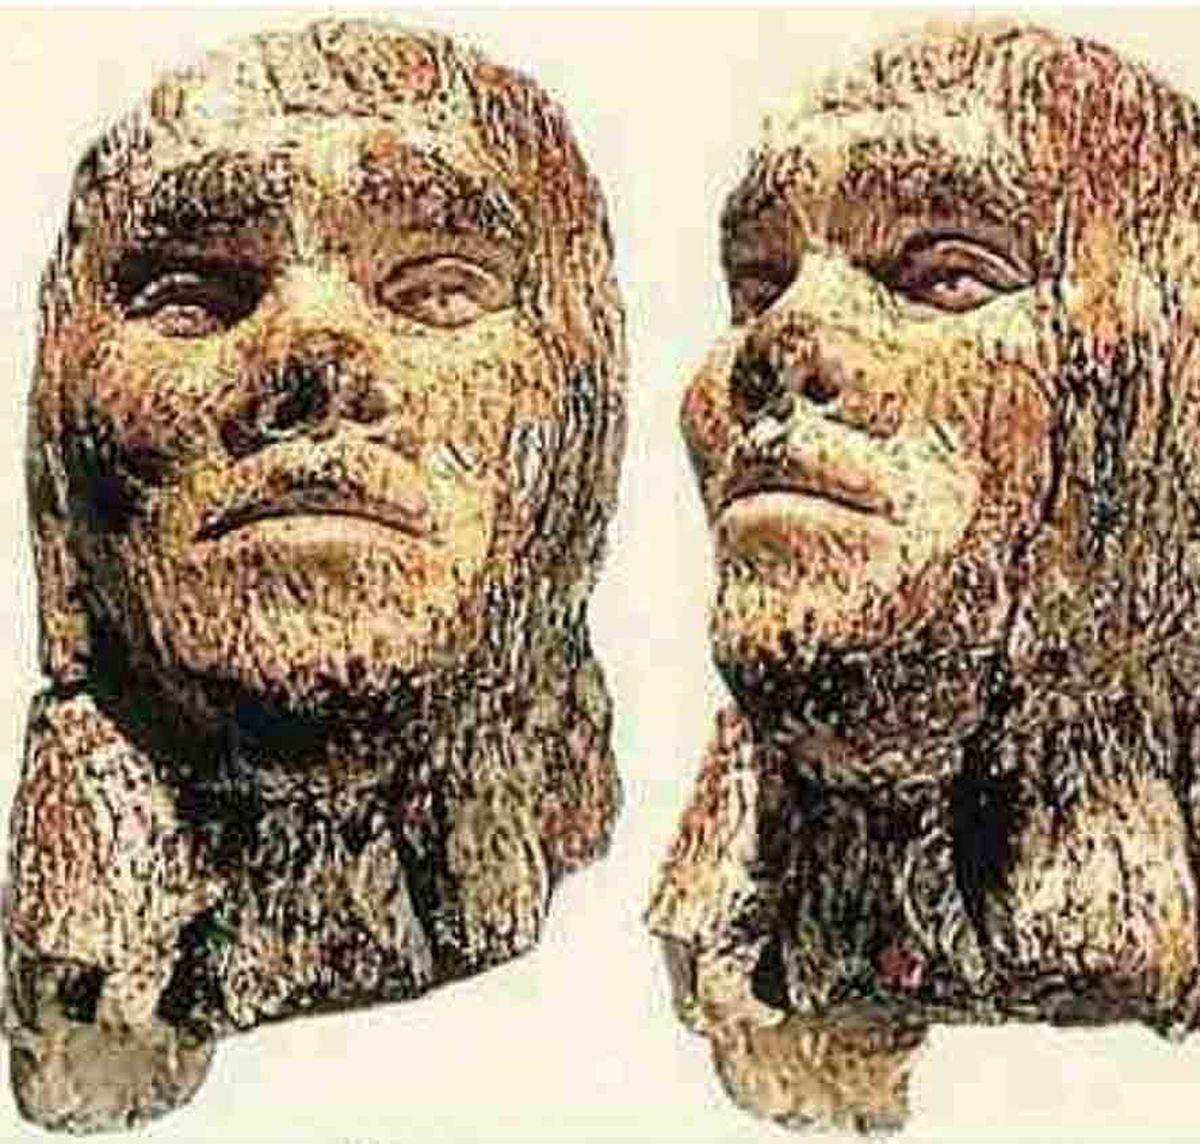 قدیمىترین کنده کاری از چهره انسان بر روی عاج ماموت